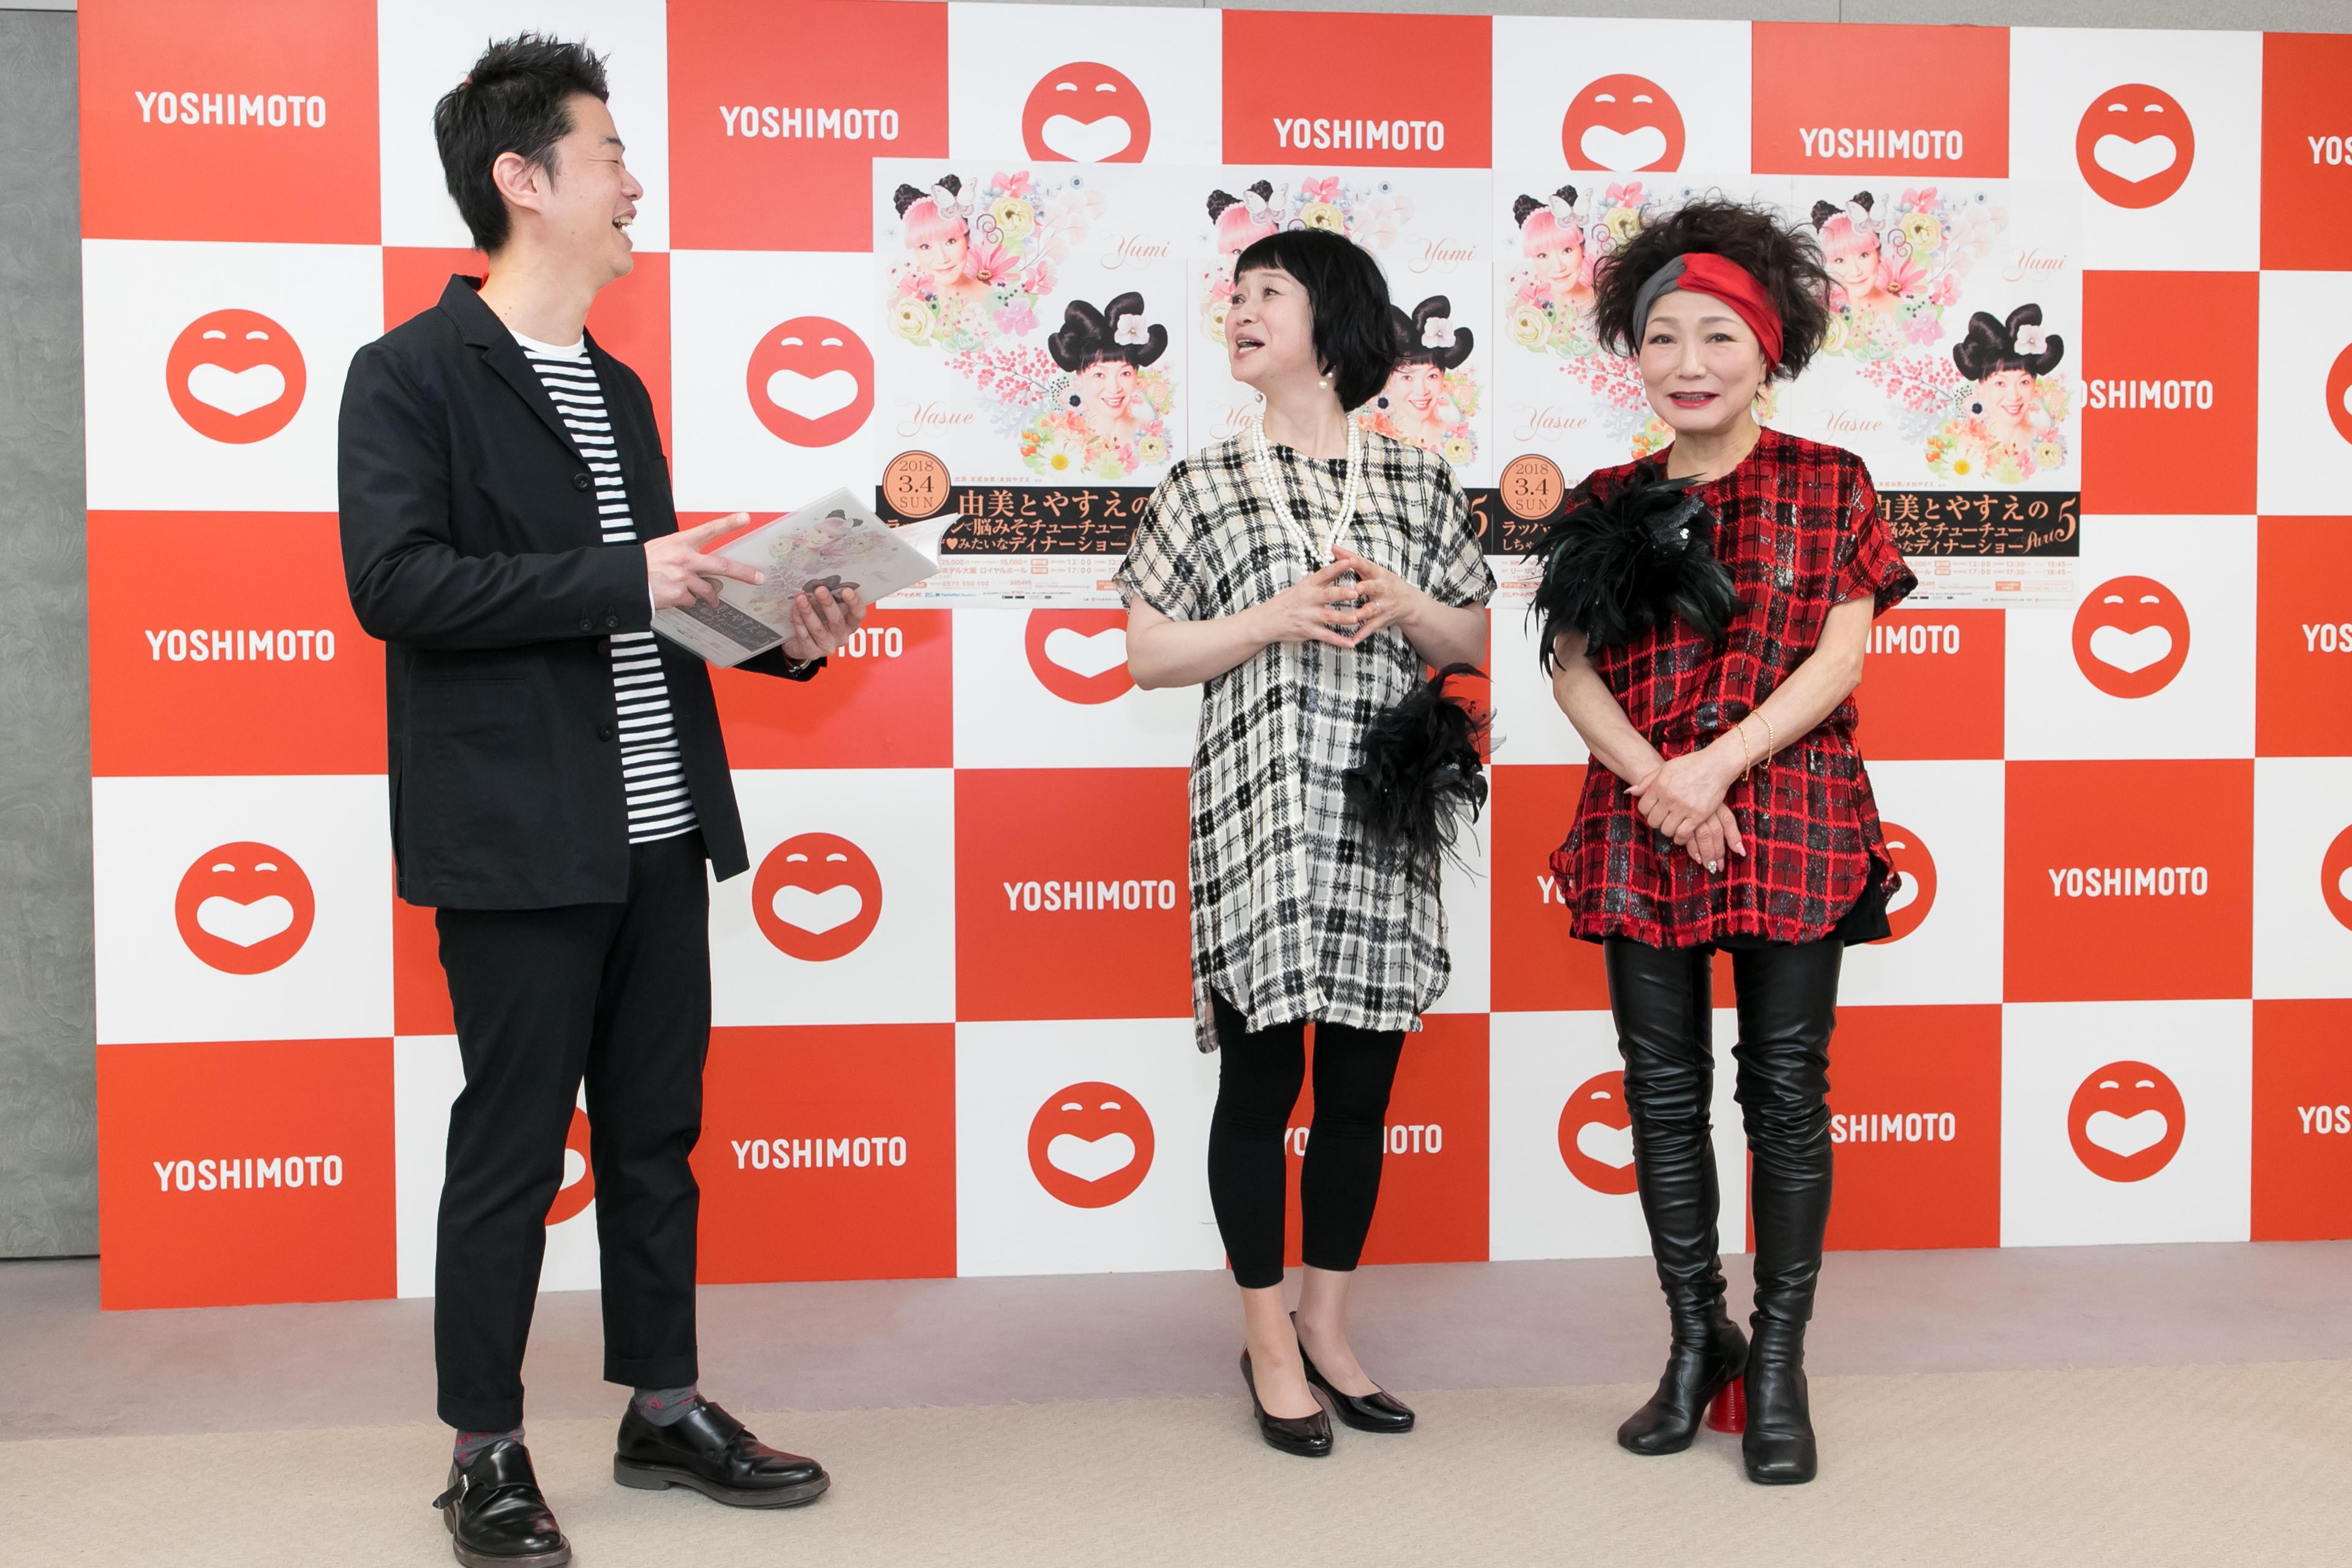 http://news.yoshimoto.co.jp/20171219144103-e4a0bcb9fe856c65aa9a495010f231613f8b3b2e.jpg